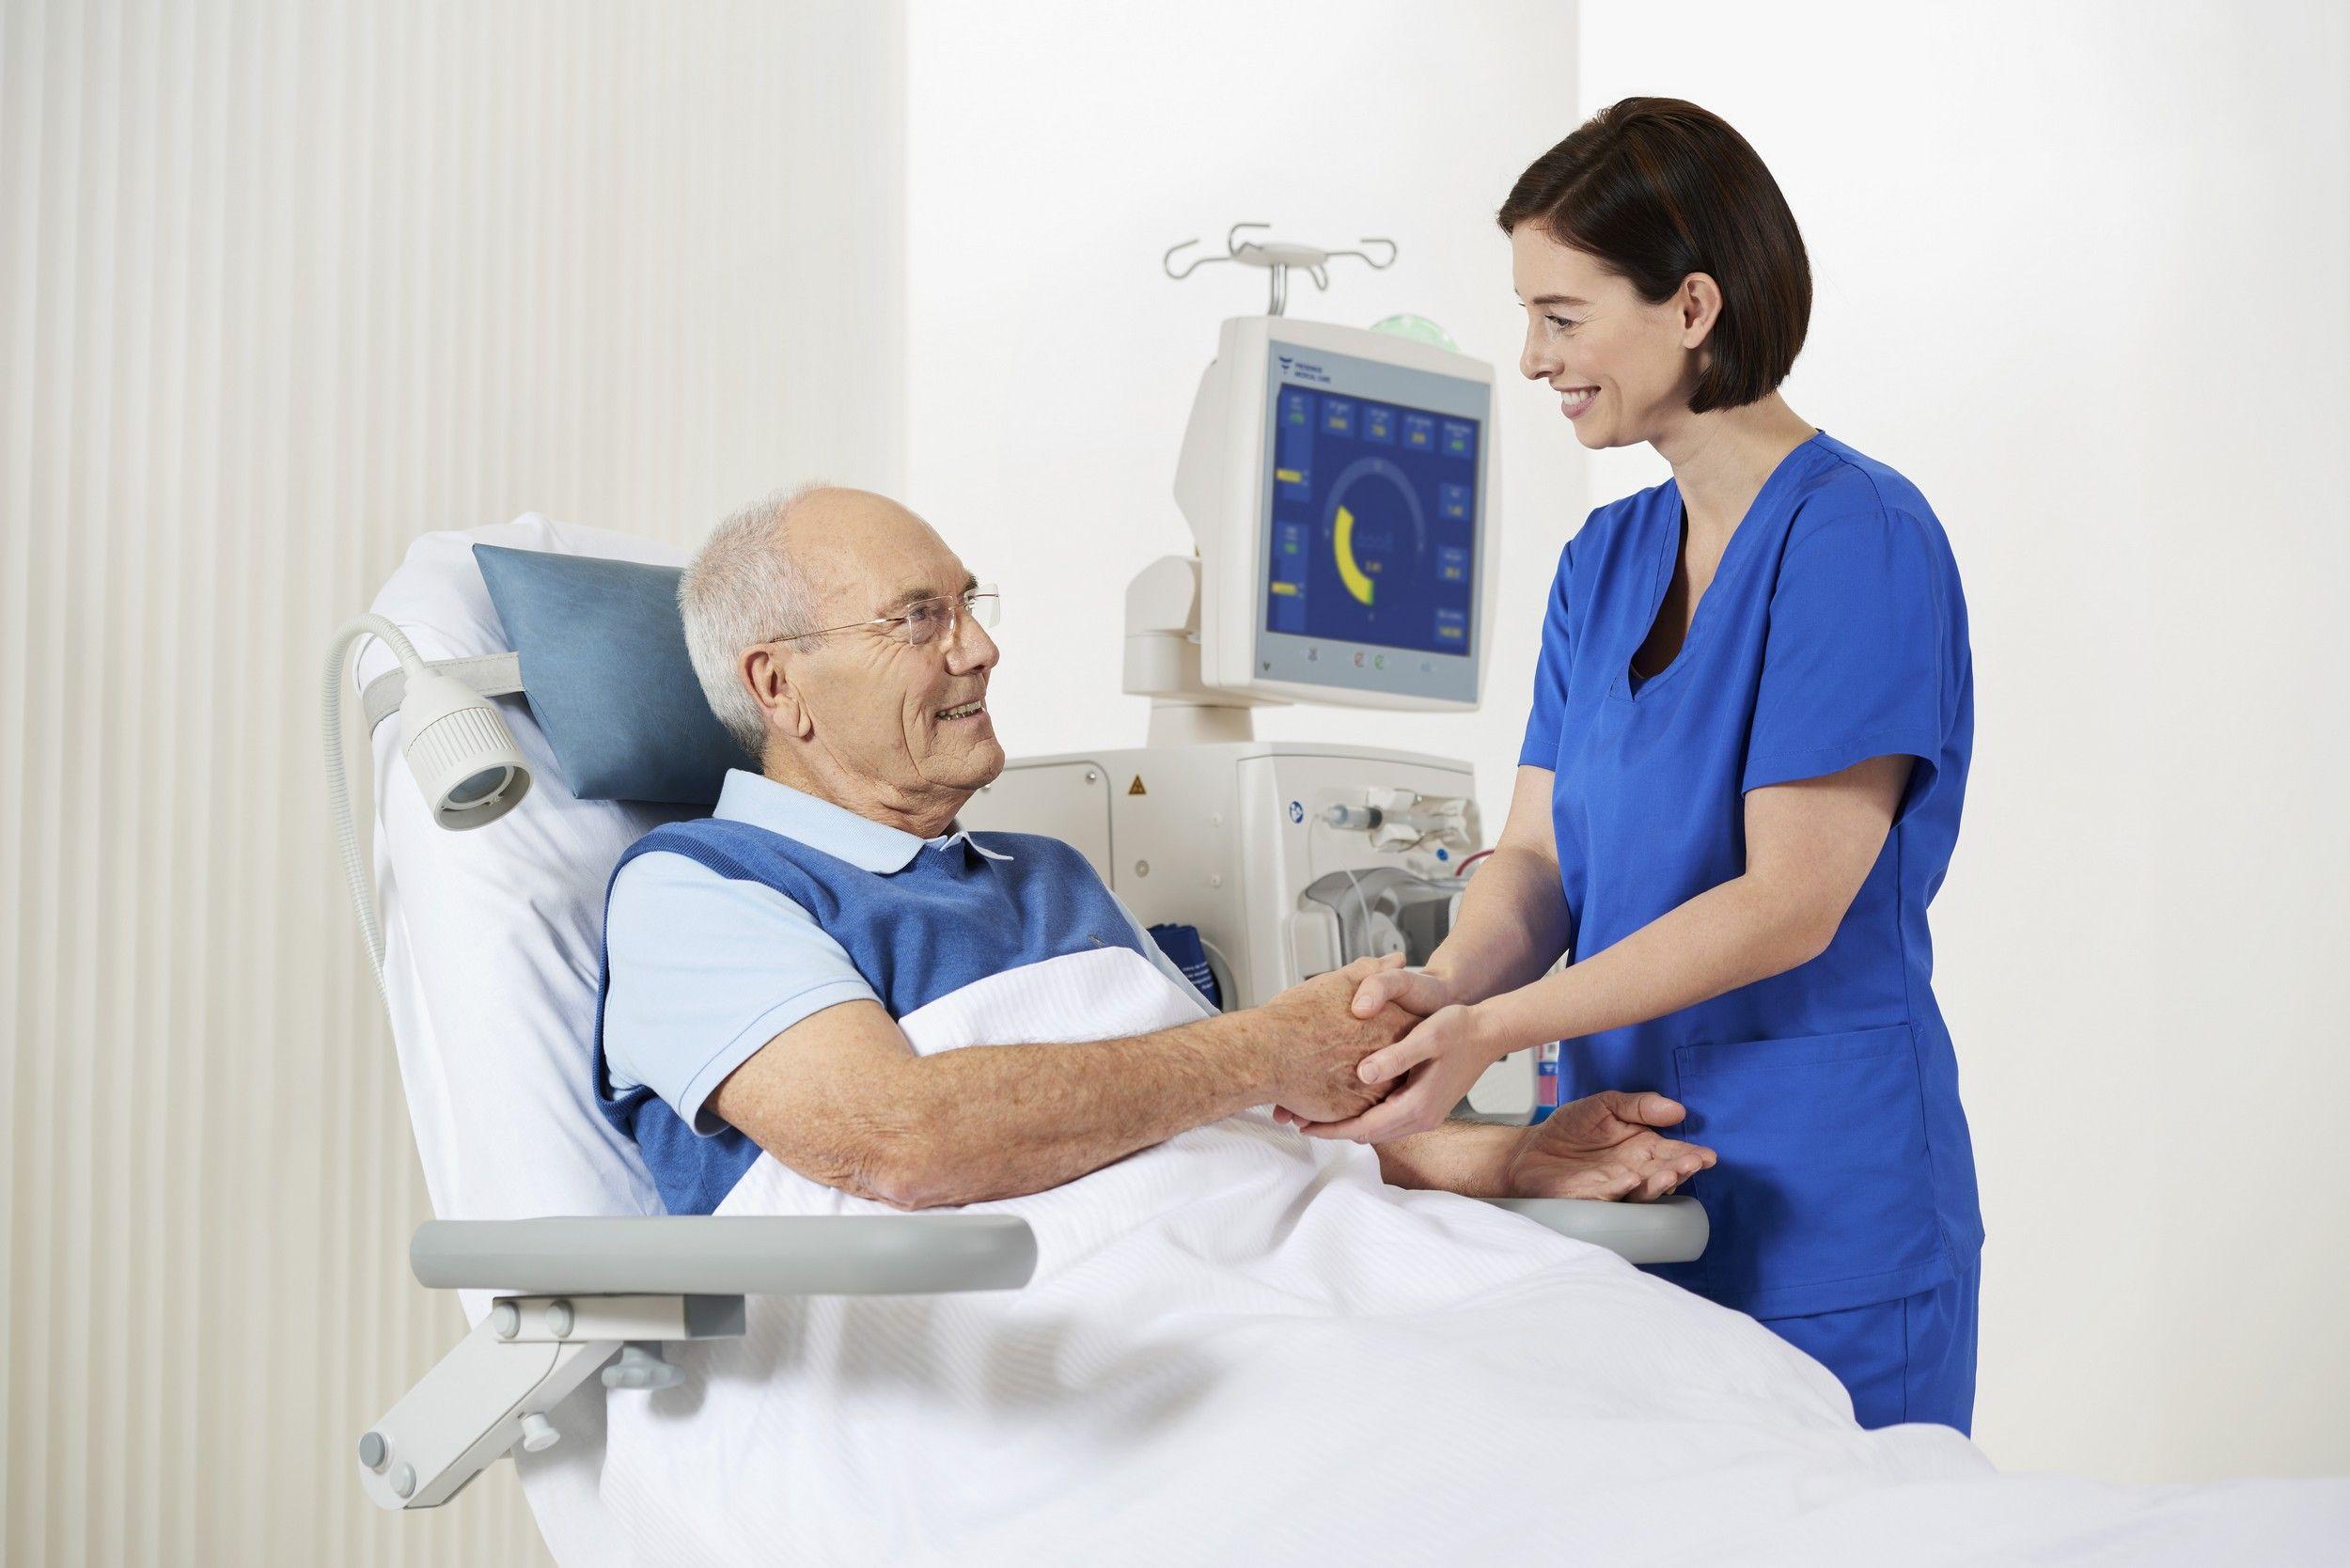 Ivhseniorcare brings excellent home patient care services